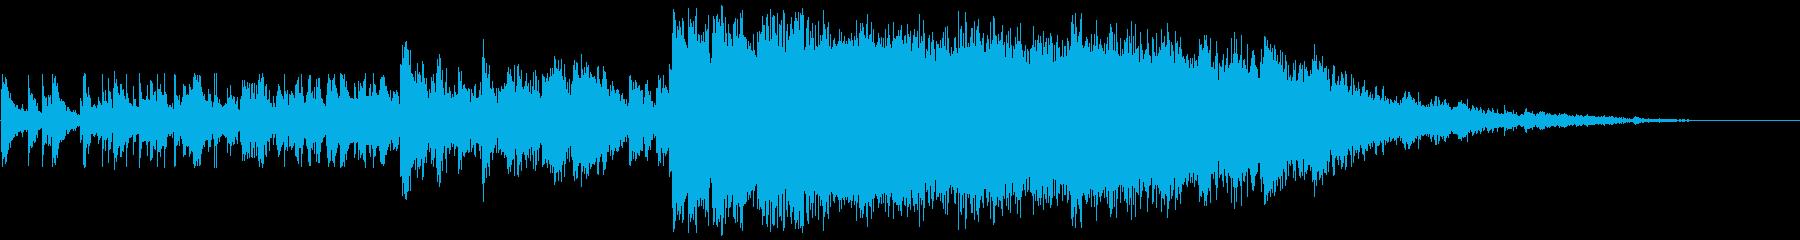 崩壊に至る重金属圧力のき裂の再生済みの波形